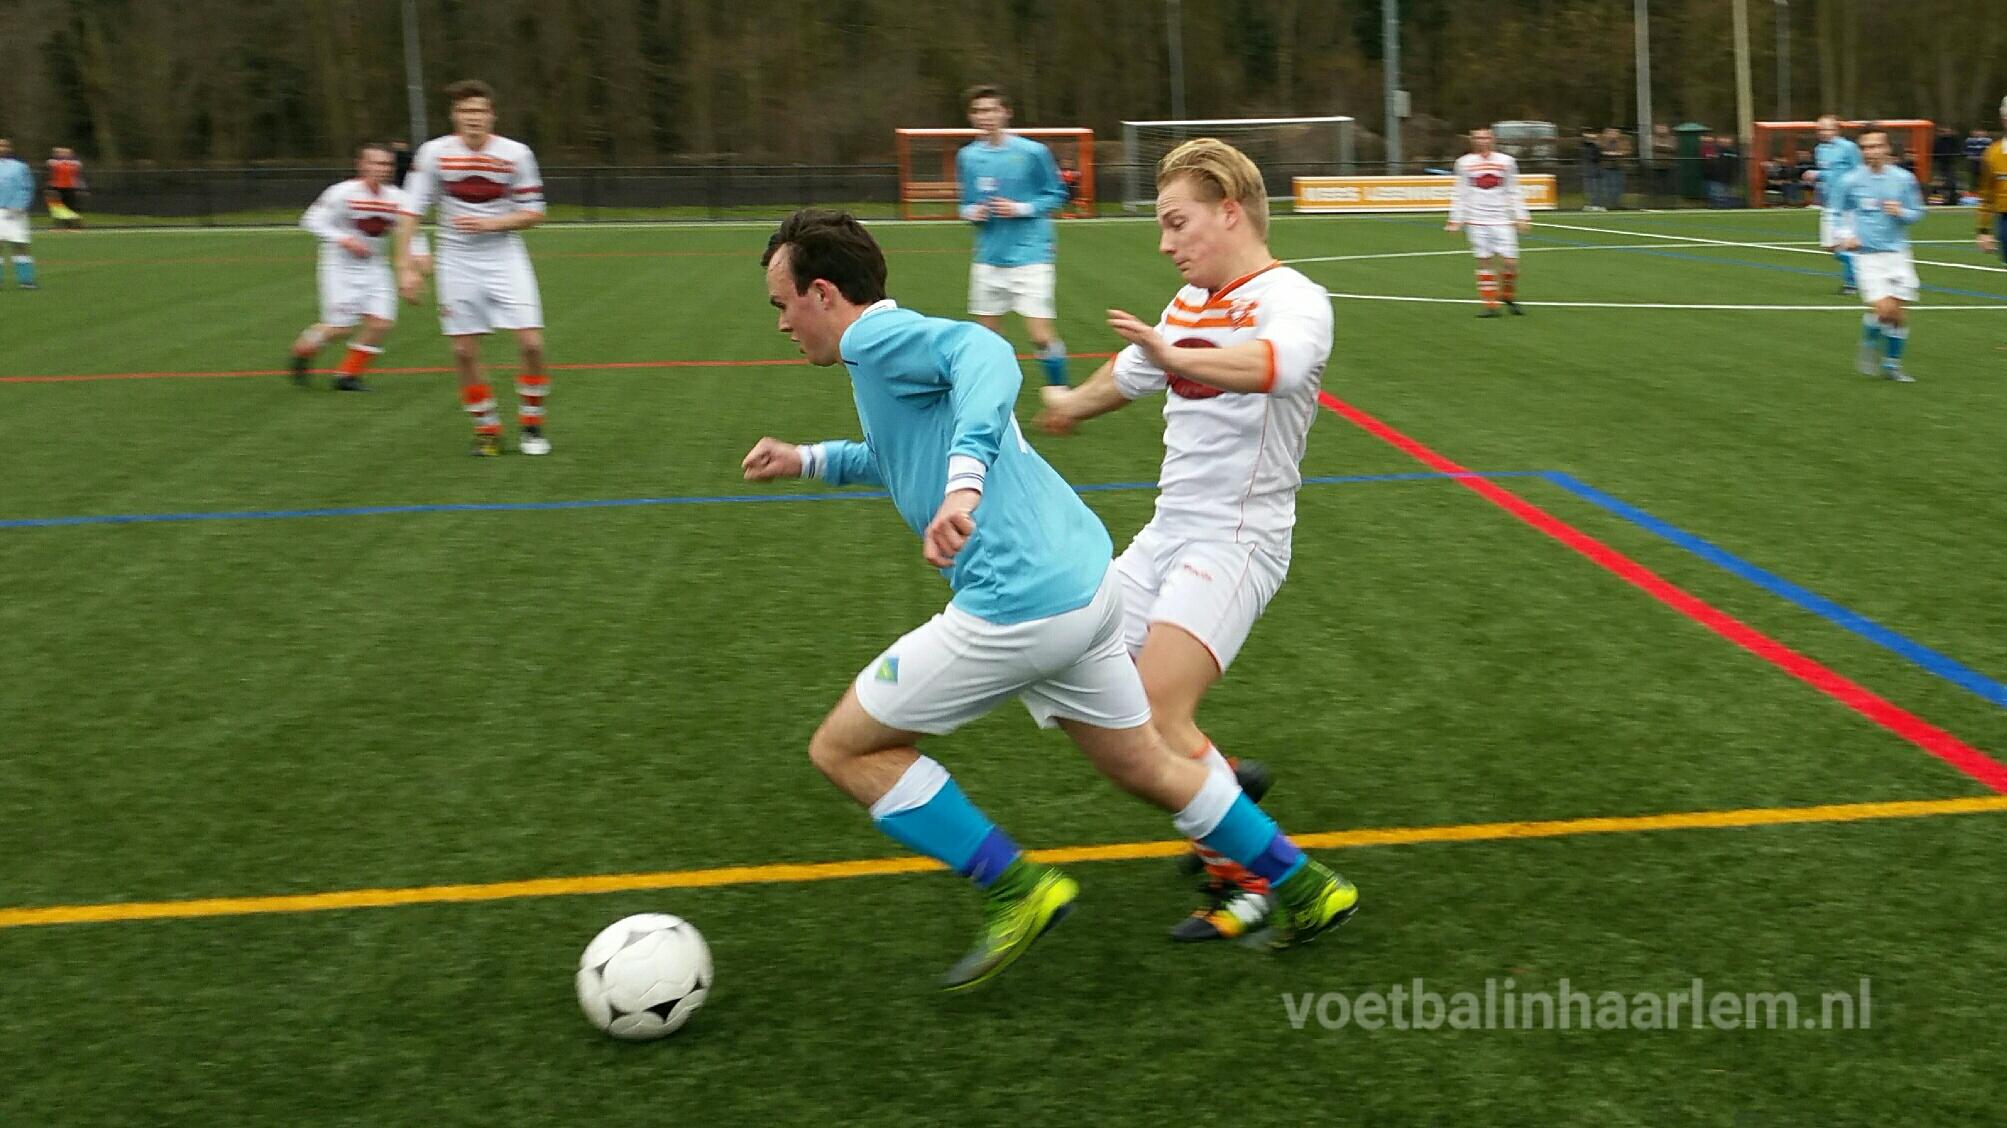 Bloemendaal - UNO - Voetbal in Haarlem